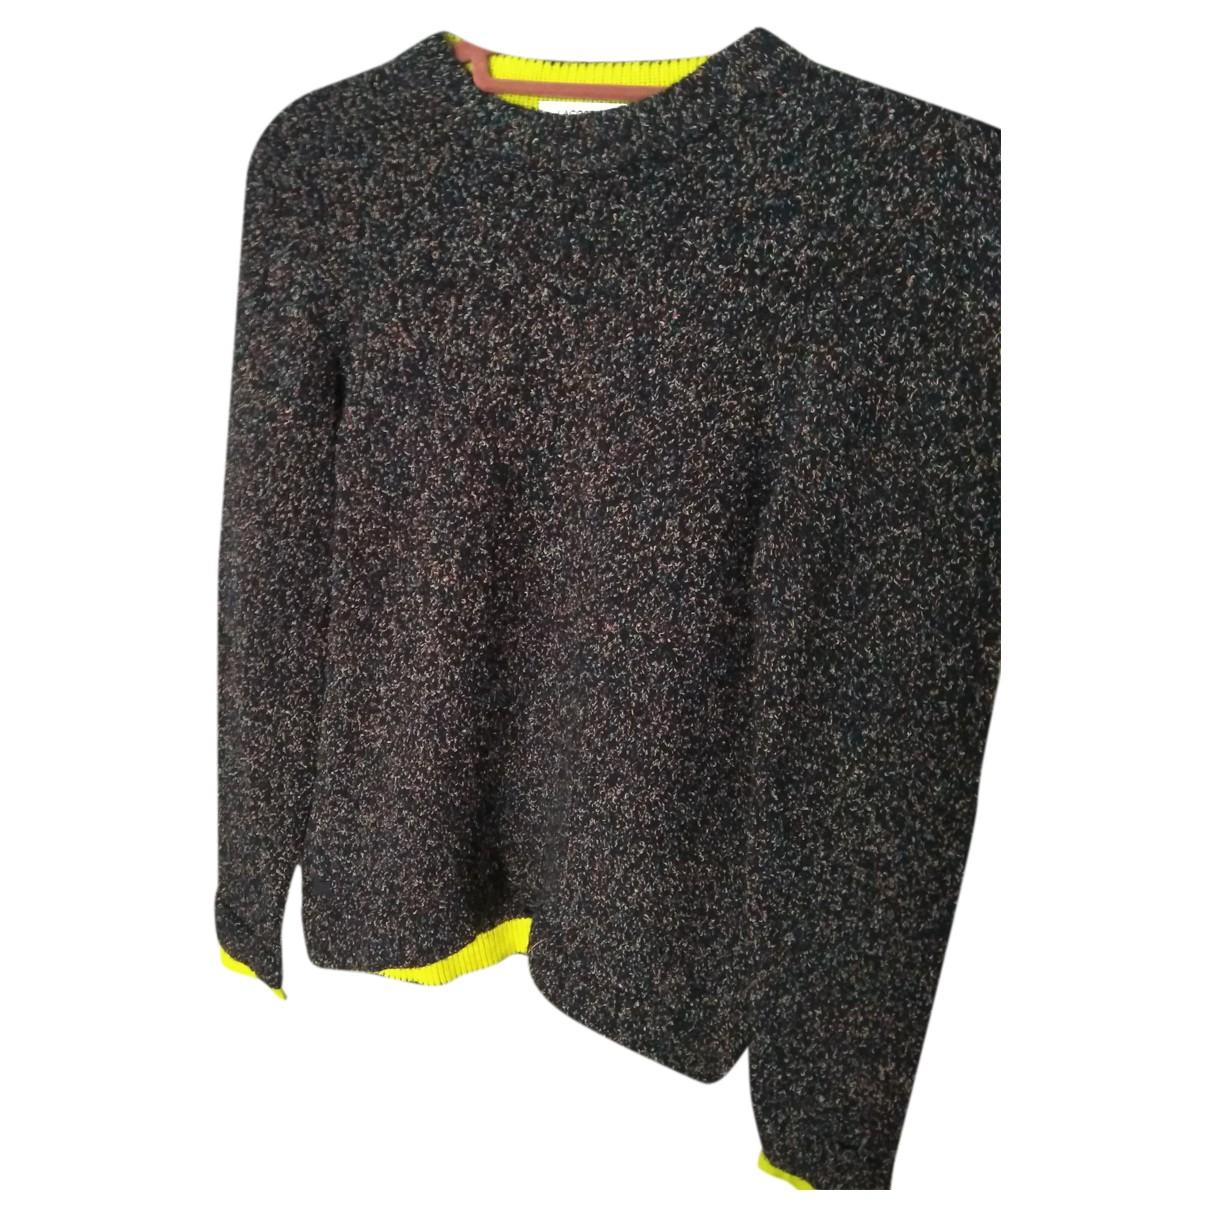 Lacoste N Blue Wool Knitwear for Women M International